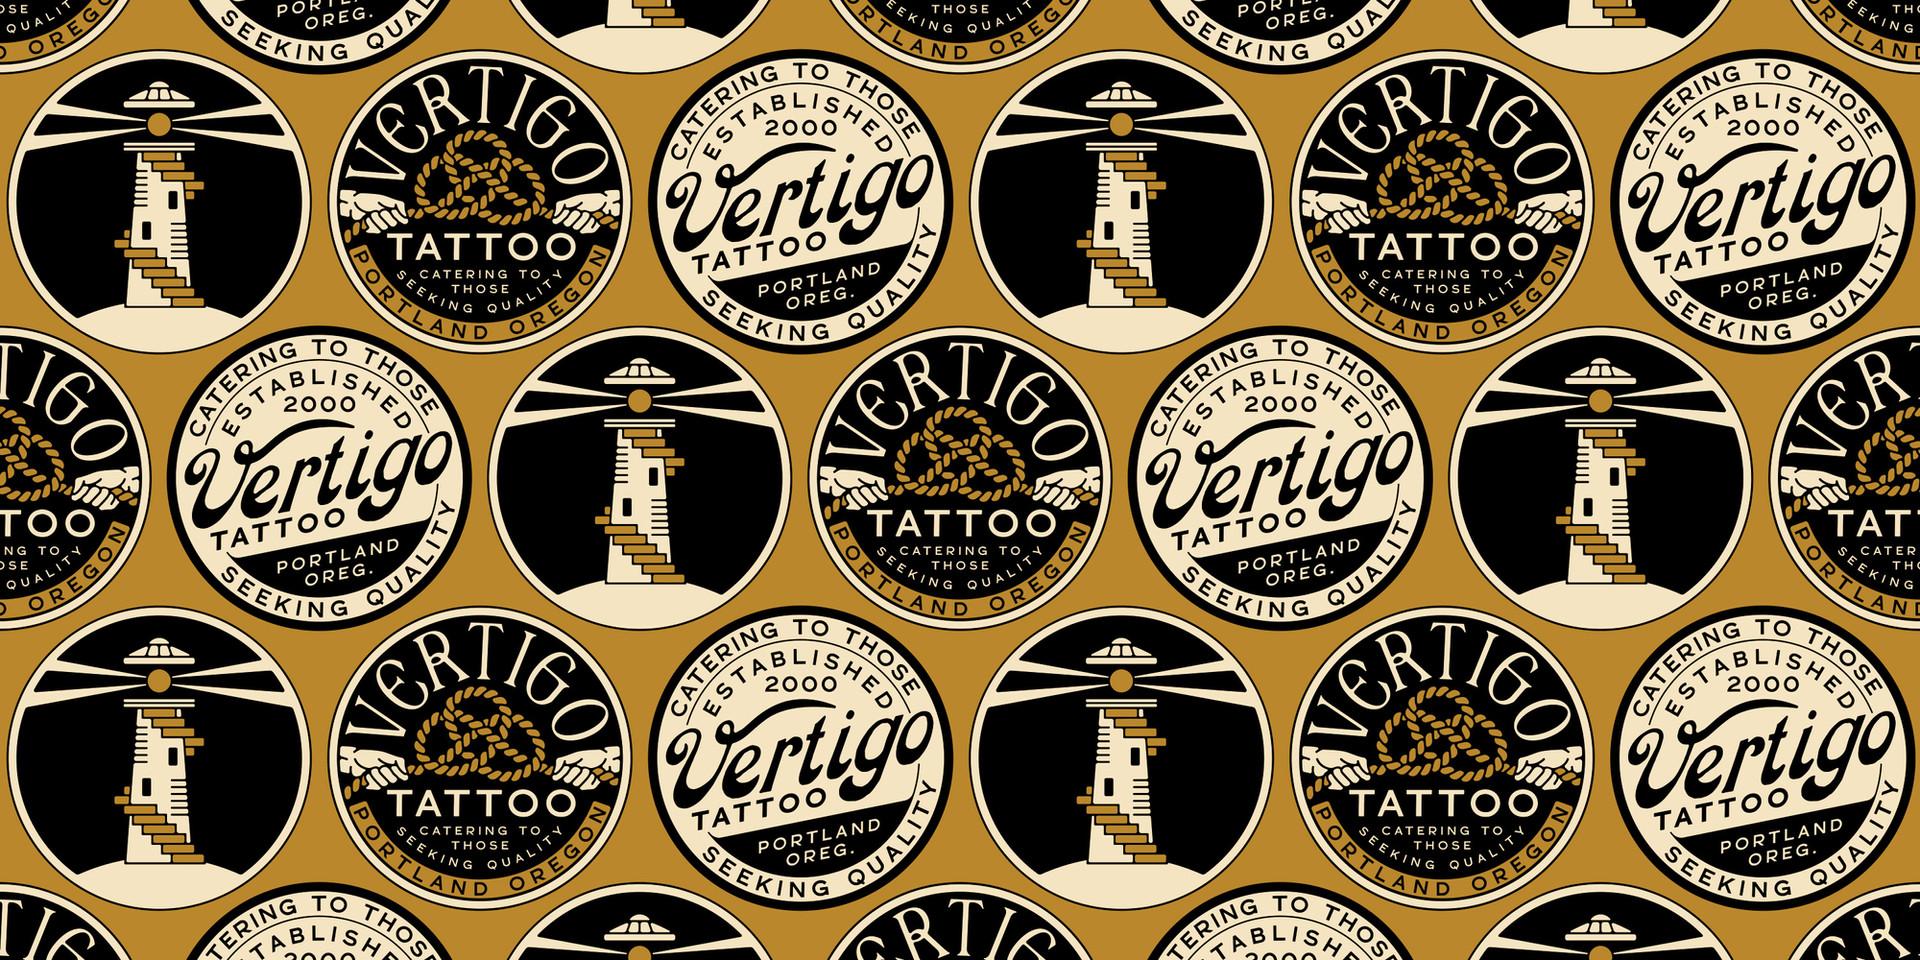 Vertigo Tattoo - Branding - Shre-2-6.jpg